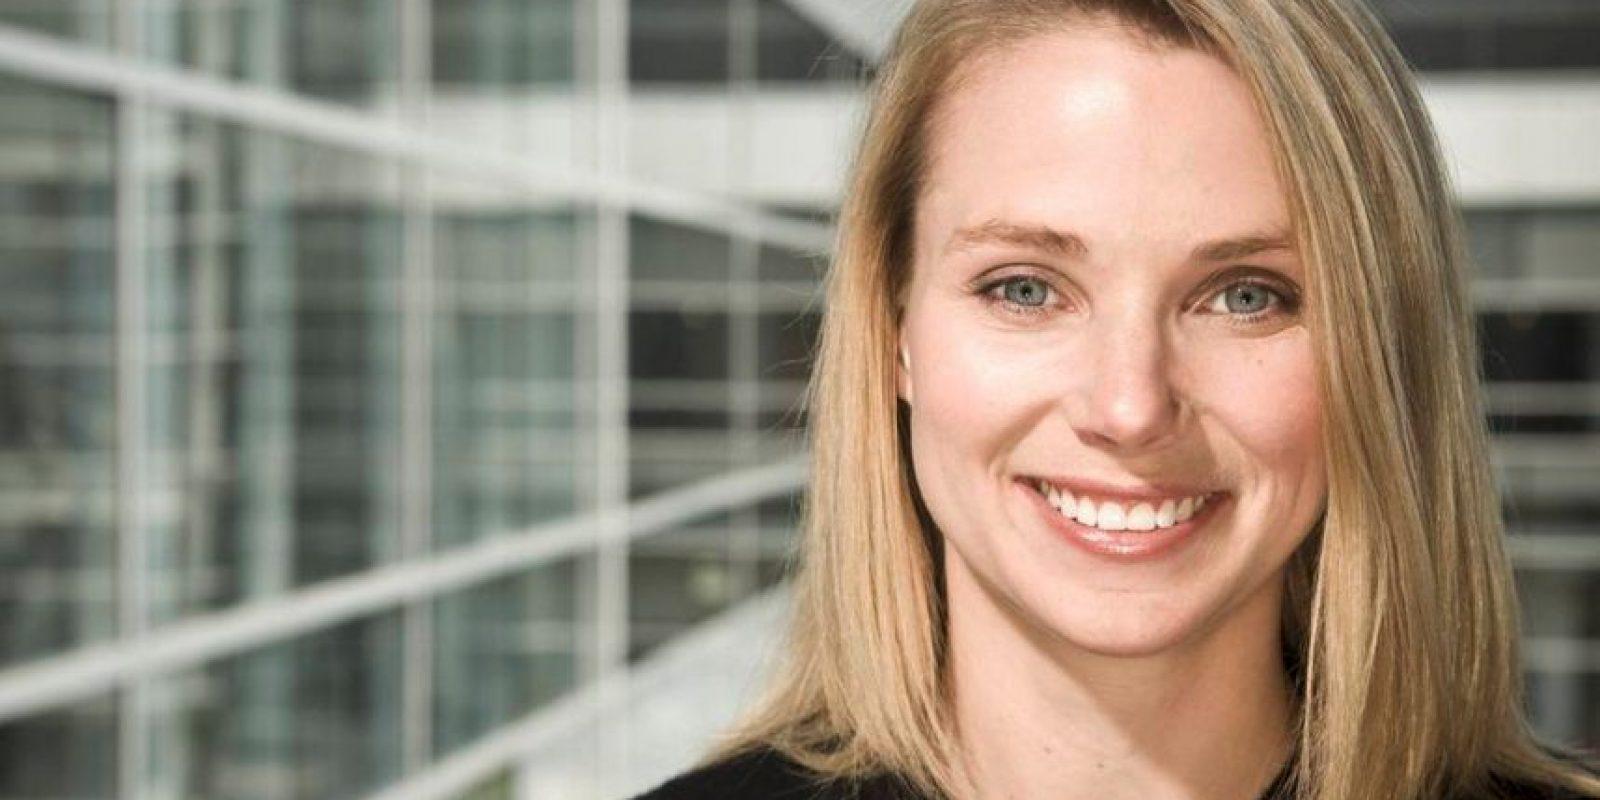 """Marissa Mayer dirige Yahoo desde 2002. Antes trabajó para Google. Según la revista """"Forbes"""" tiene una fortuna de 380 millones de dólares Foto:Vía mundoejecutivo.com"""